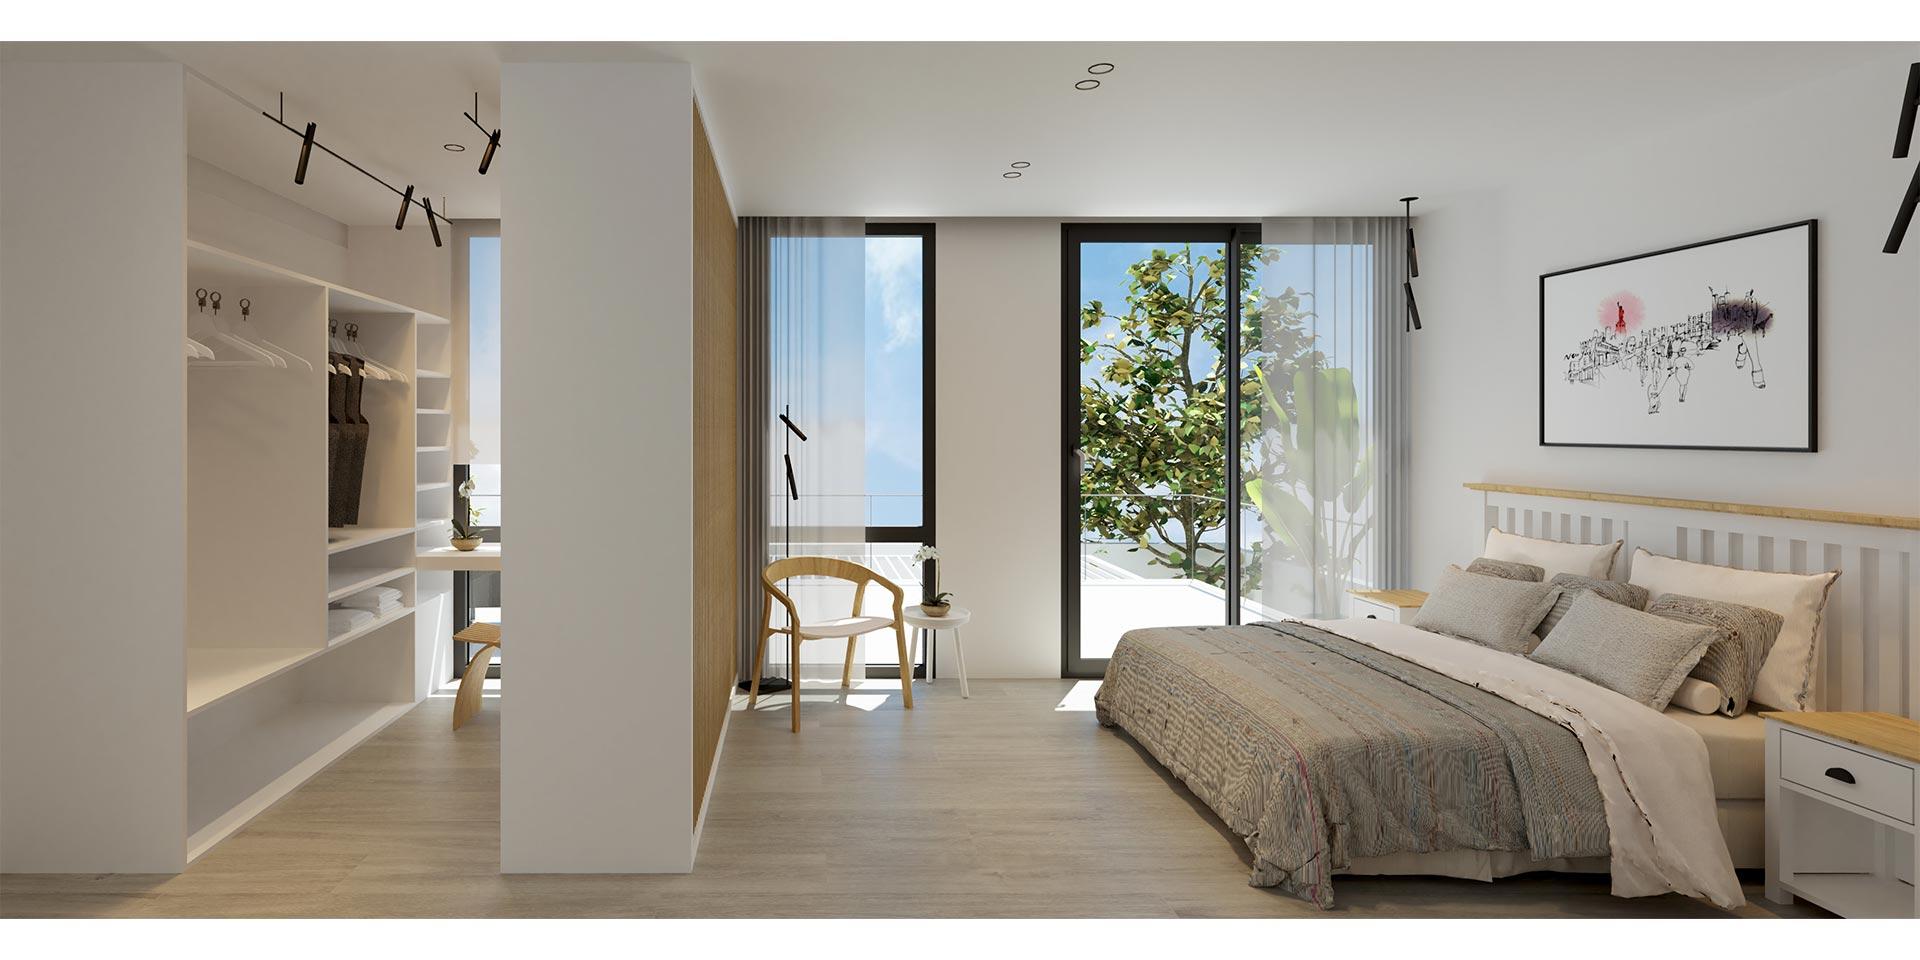 10.Dormitorio en suit